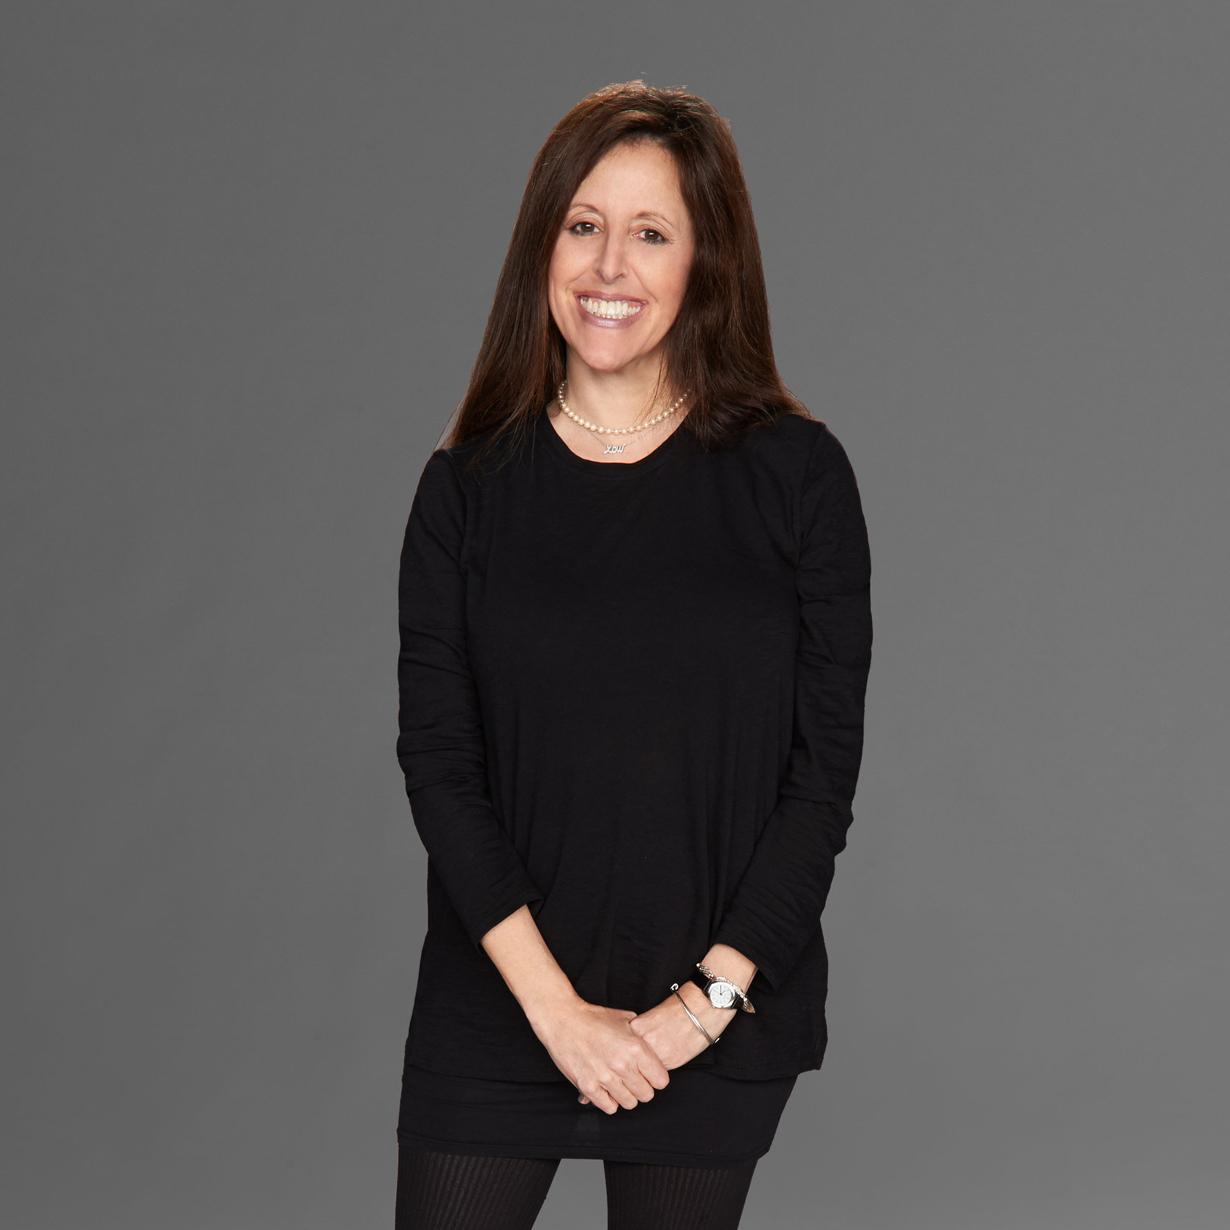 Wendy-Liebman-speaker